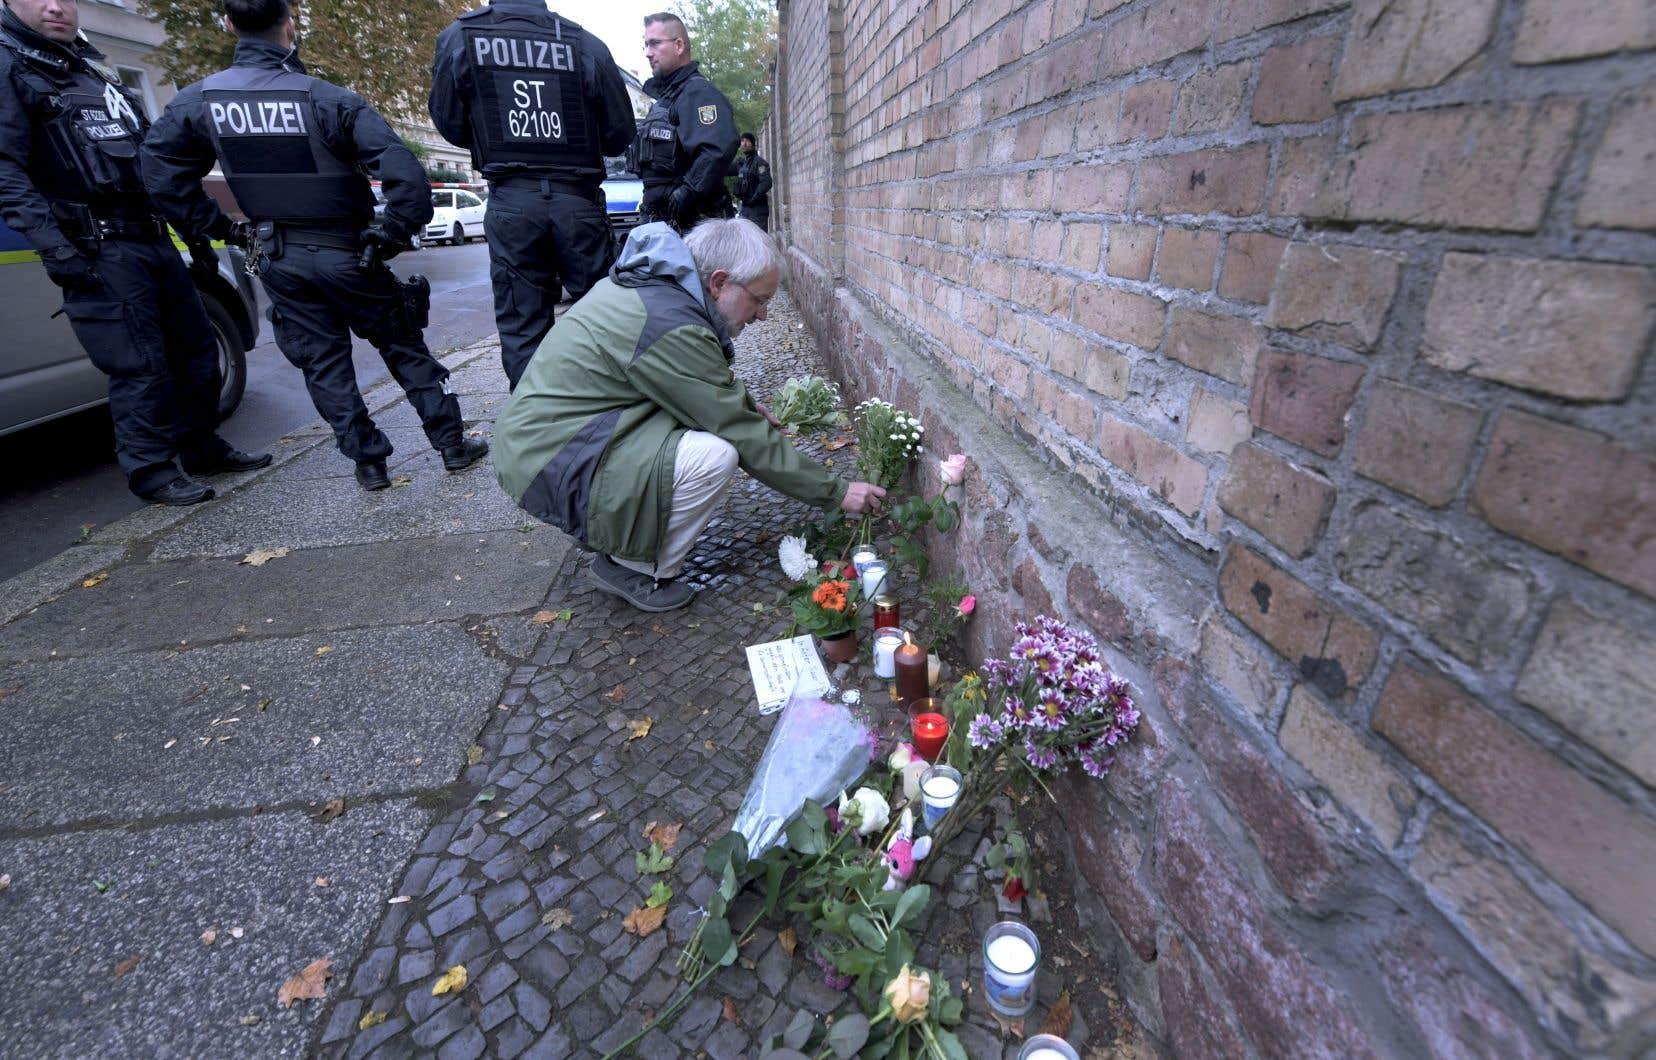 Un homme déposait une gerbe de fleurs devant la synagogue de Halle jeudi, au lendemain d'une attaque d'un antisémite qui a fait deux morts.